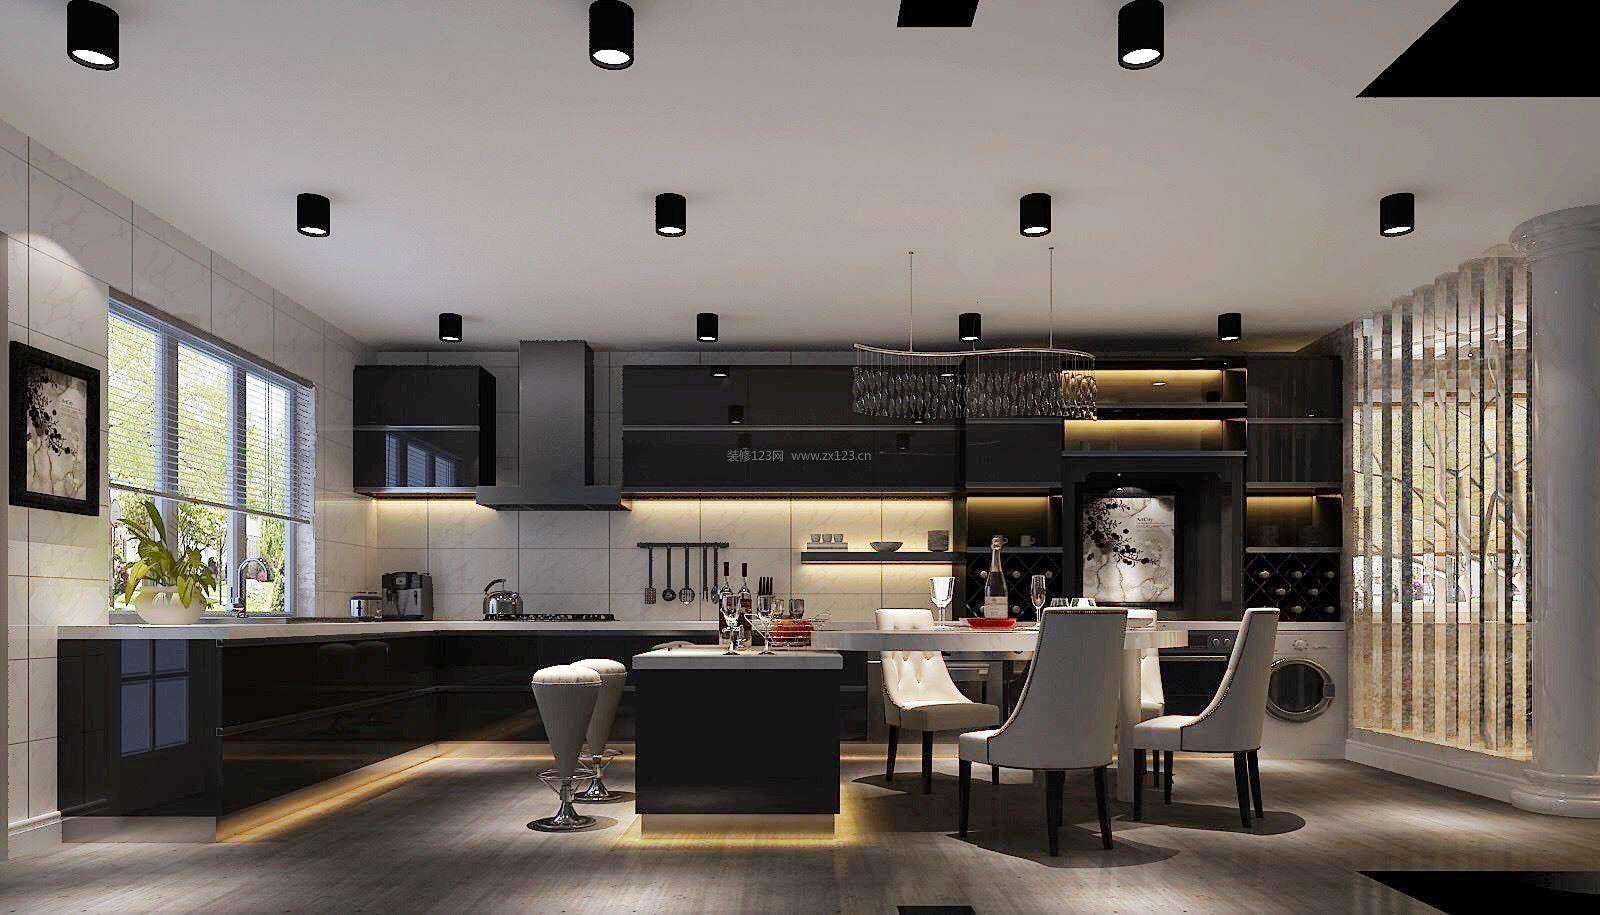 开放式厨房装修效果图赏析 开放式厨房装修效果图赏析